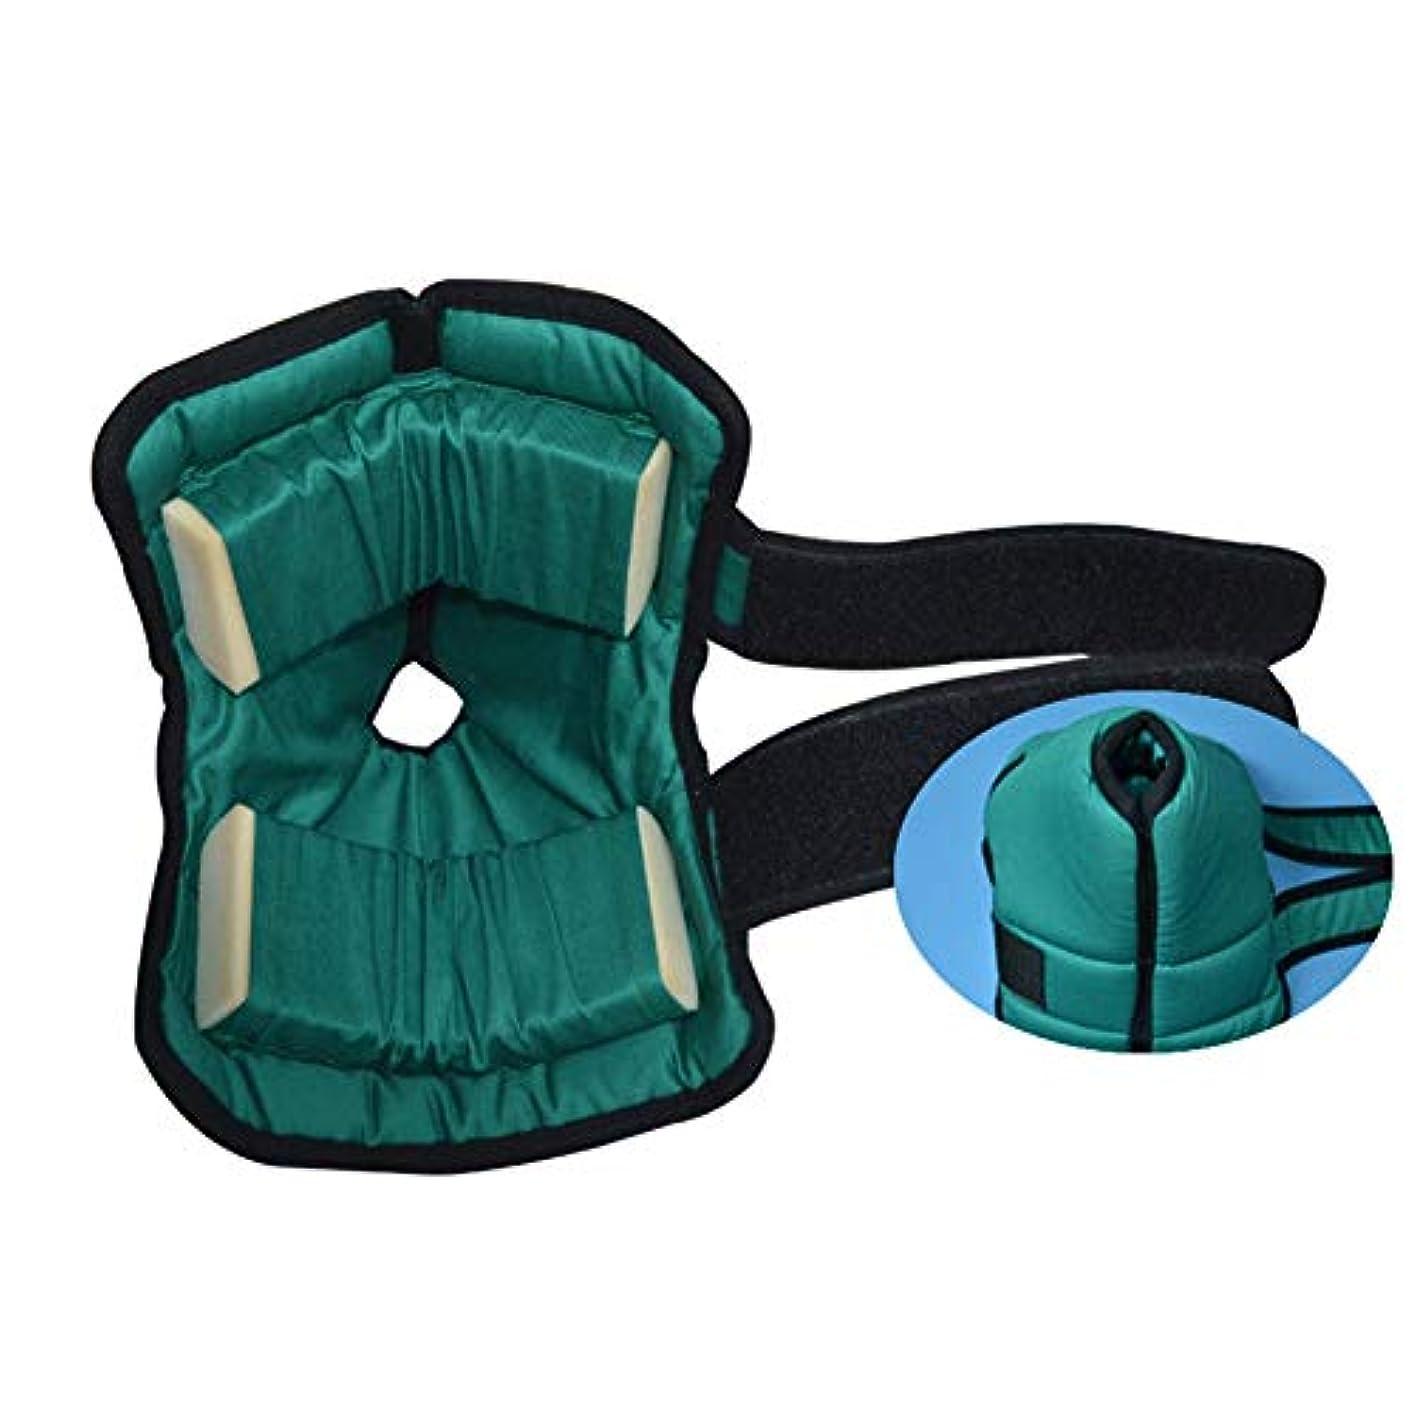 インキュバス歴史ビジョンかかとプロテクター枕、足枕かかとクッションプロテクター、Pressure瘡予防のためのアキレス腱プロテクター、高齢者の足の補正カバー-1ペア